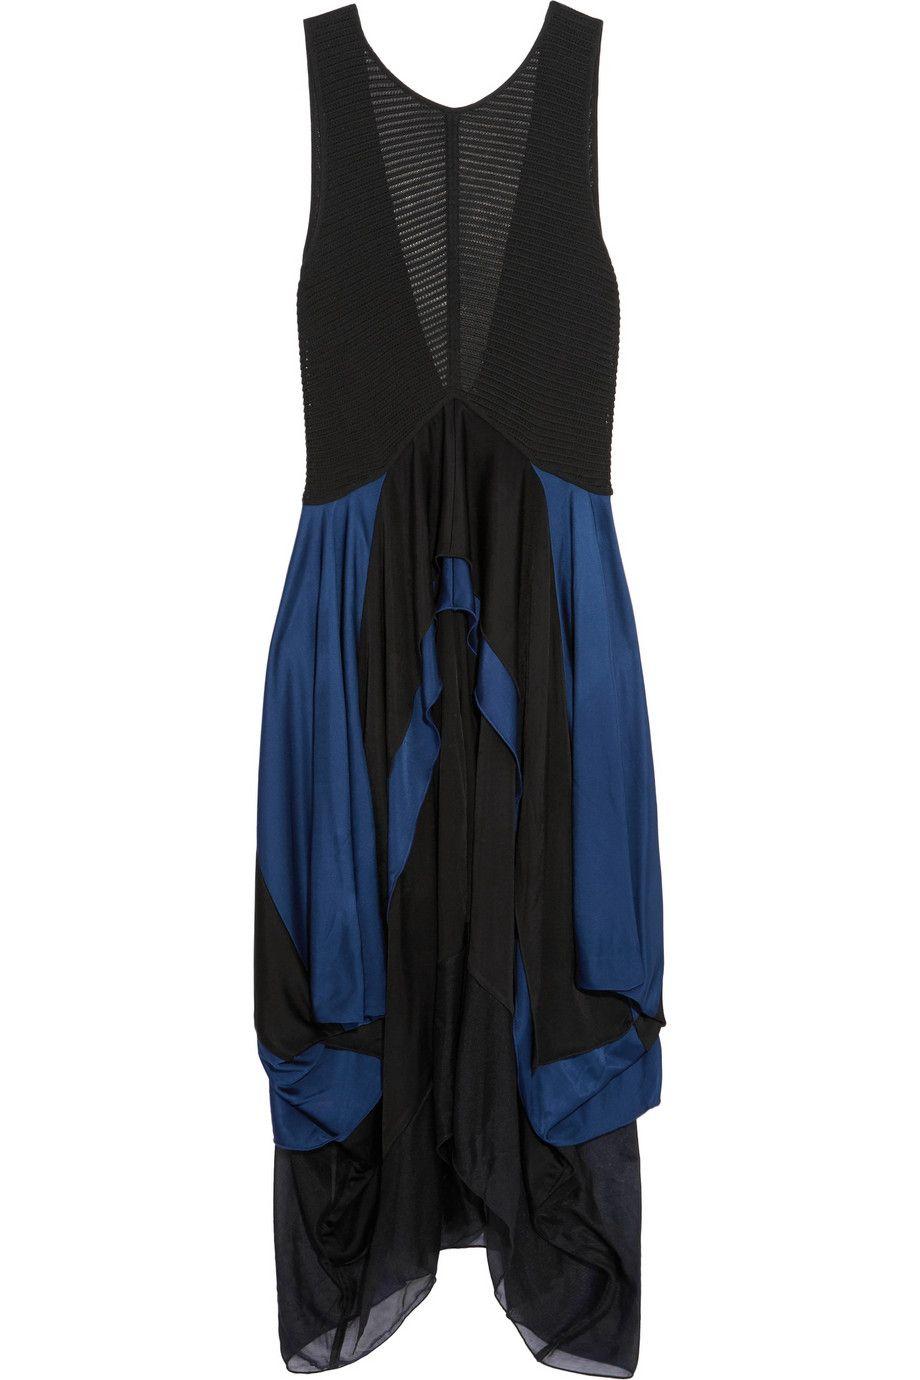 IssaZaza layered stretch-knit and satin-jersey dress